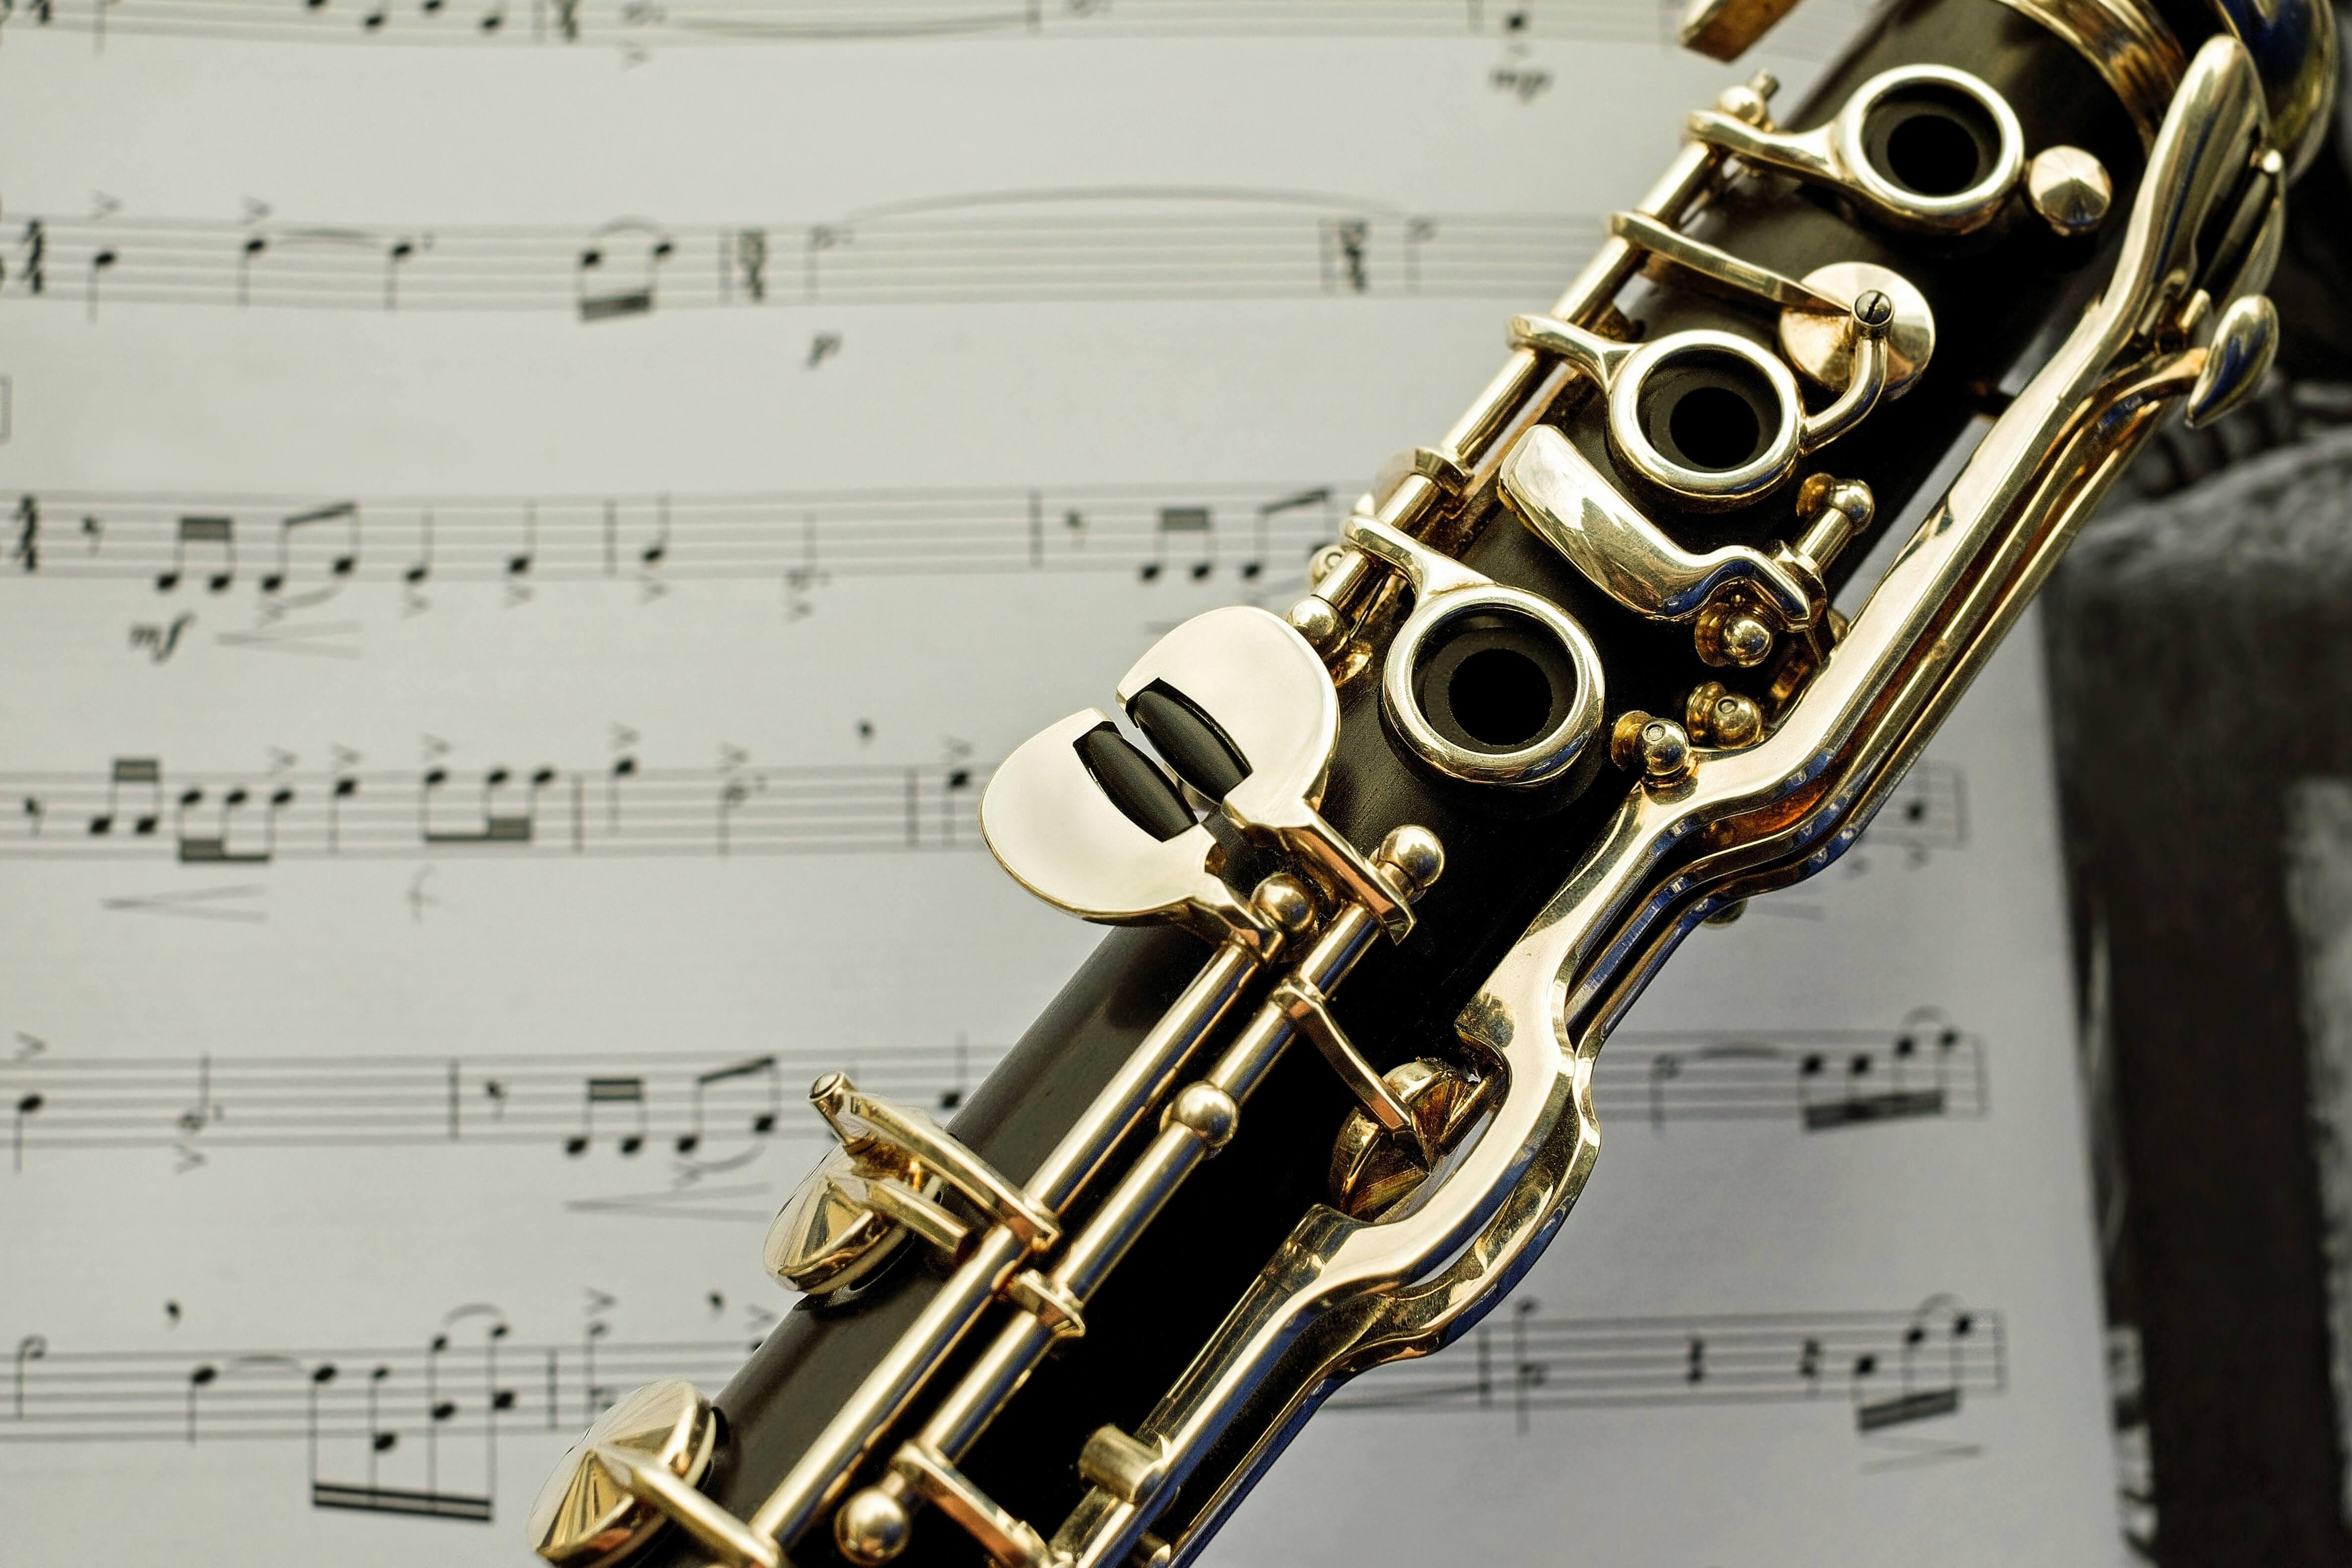 clarinet instrument wallpaper background hd 63235